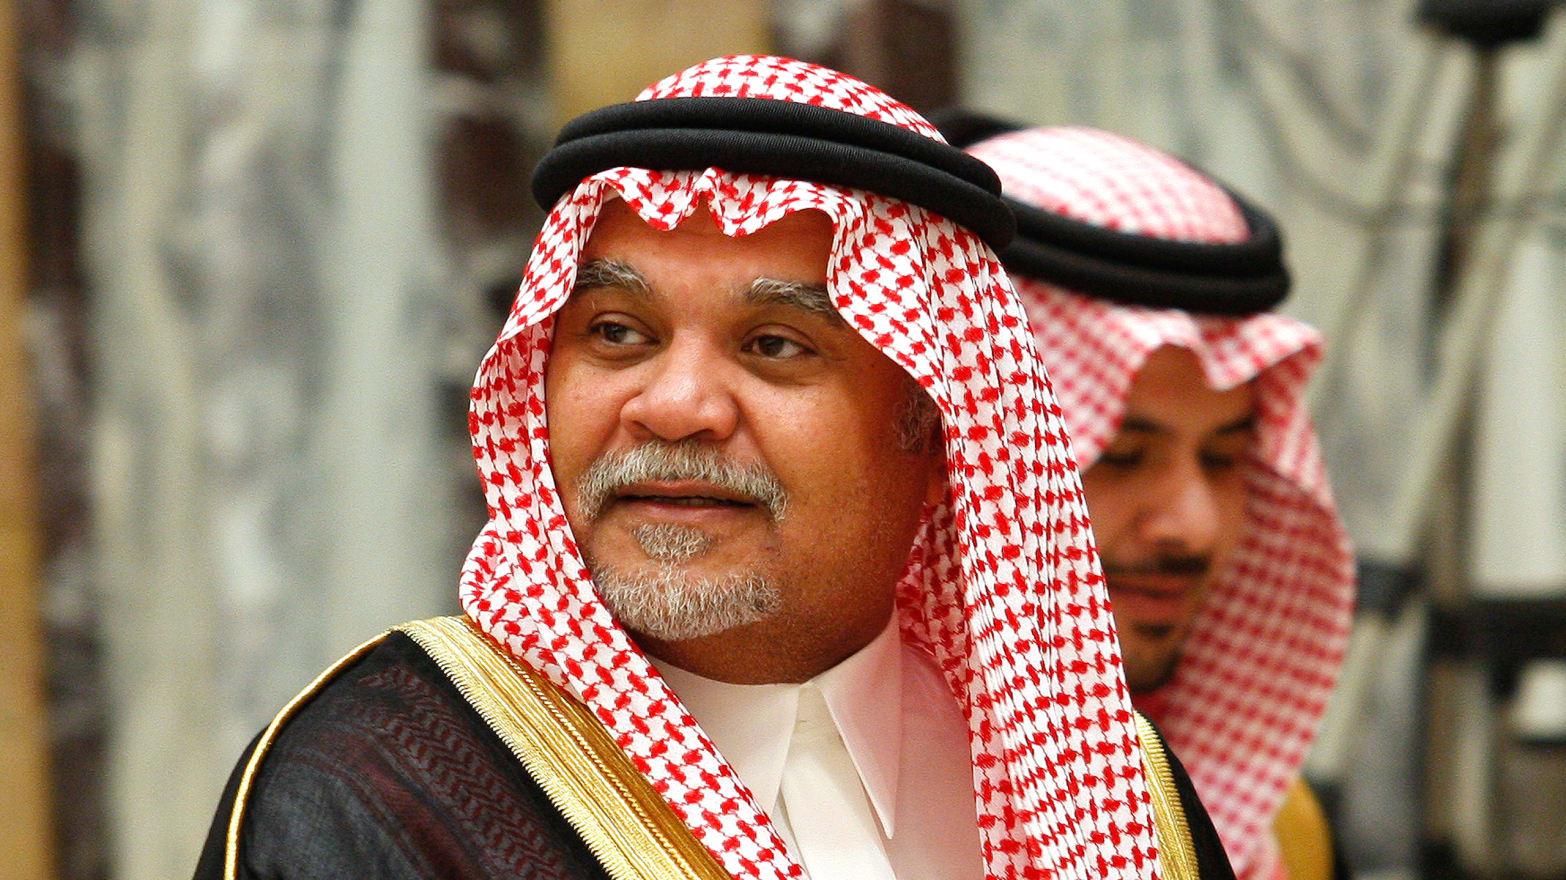 بندر بن سلطان؛ «مردِ در سایه» عربستان